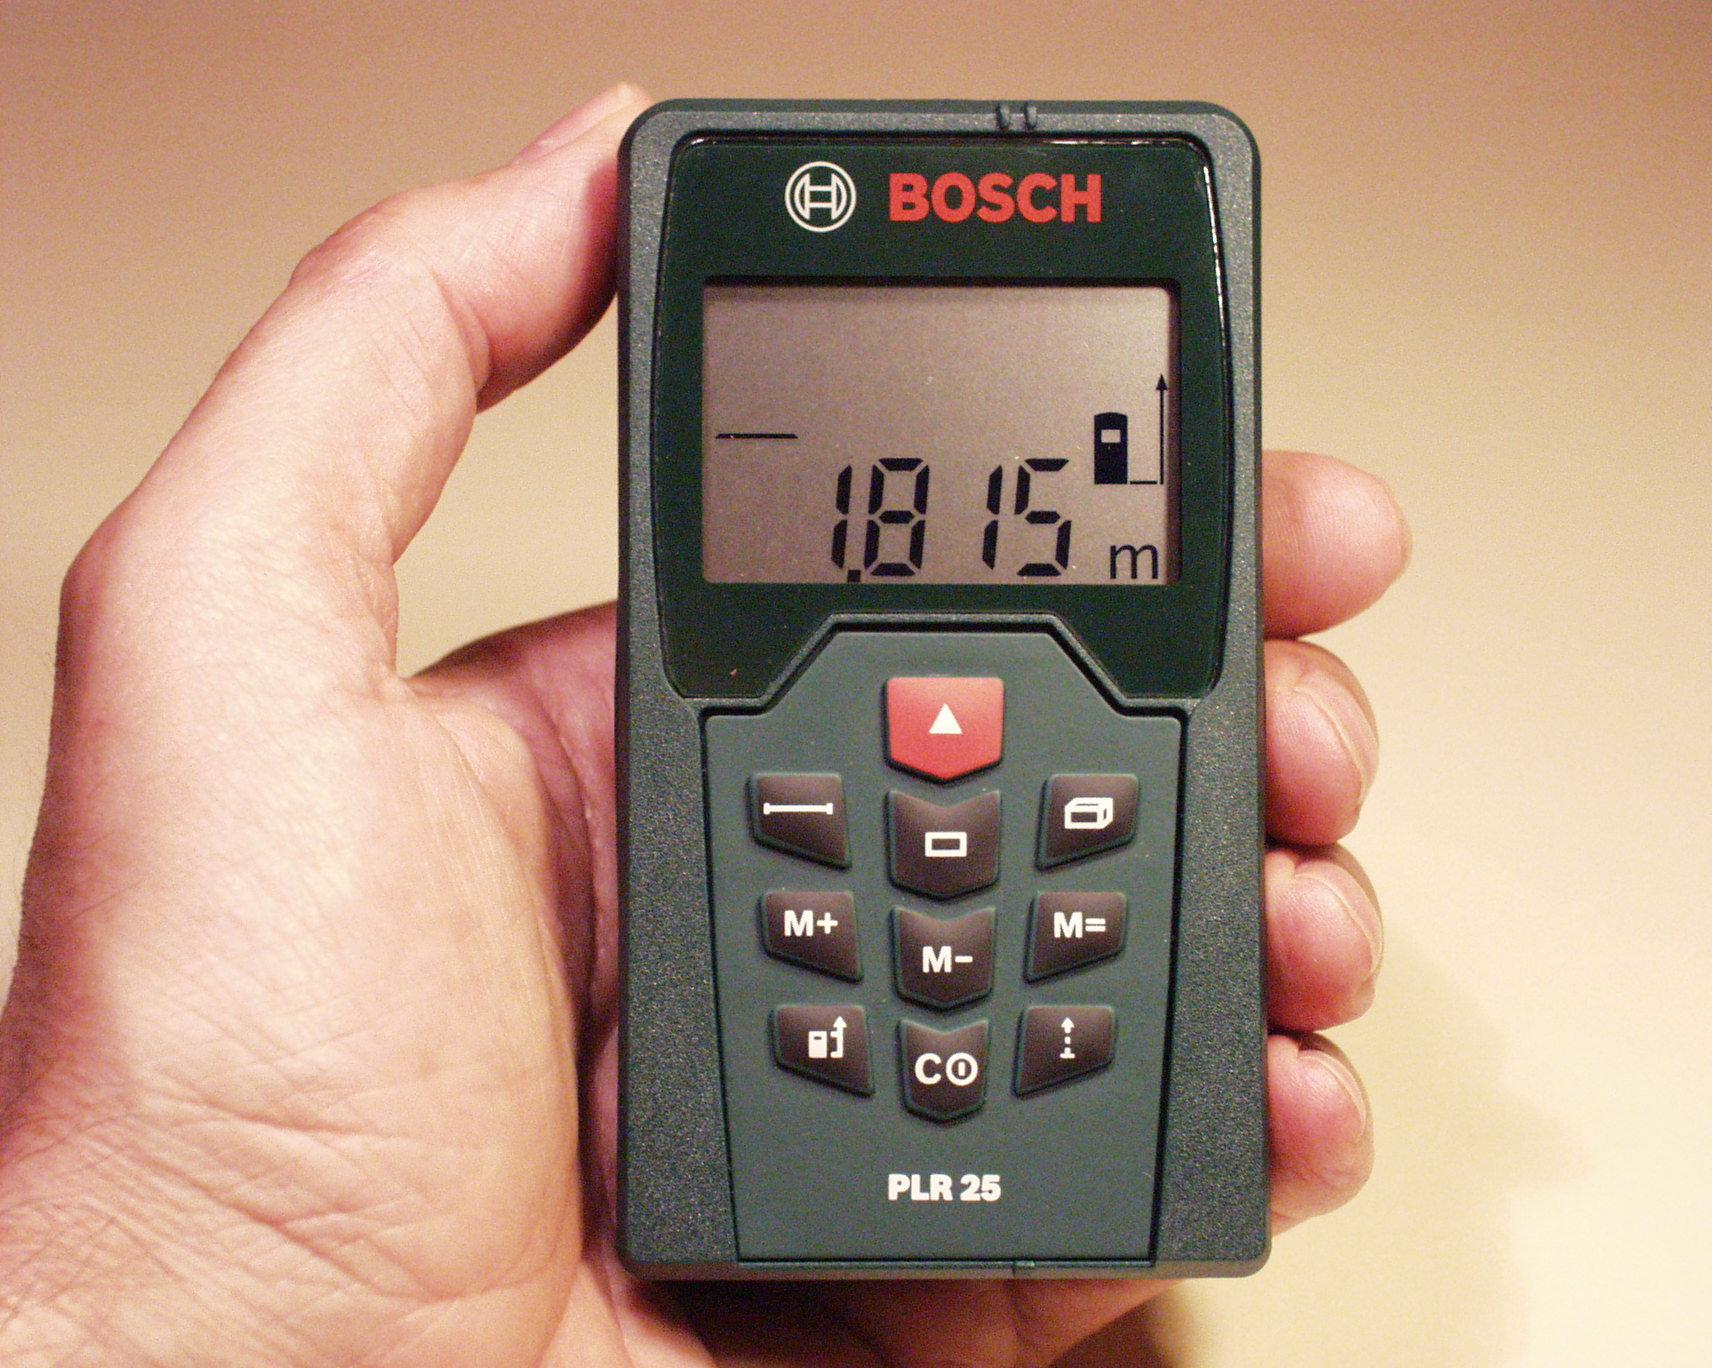 Bosch Entfernungsmesser Plr 25 : File:bosch plr25.jpg wikimedia commons